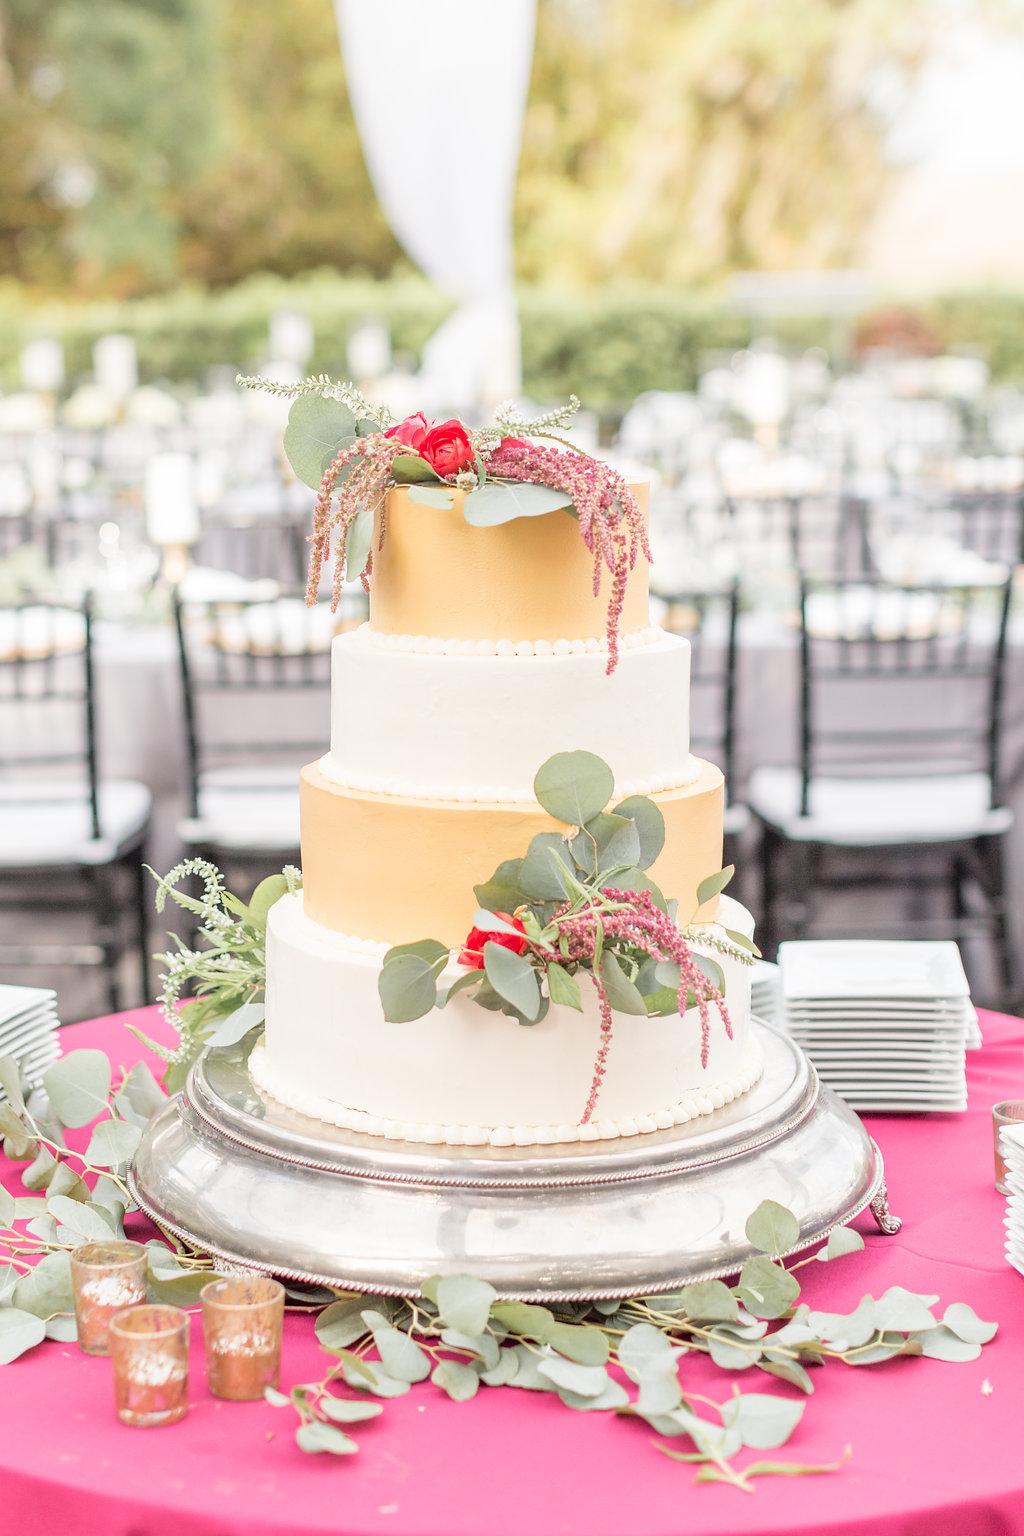 Gold and White Wedding Cake - Musgrove Plantation Georgia Wedding Venue